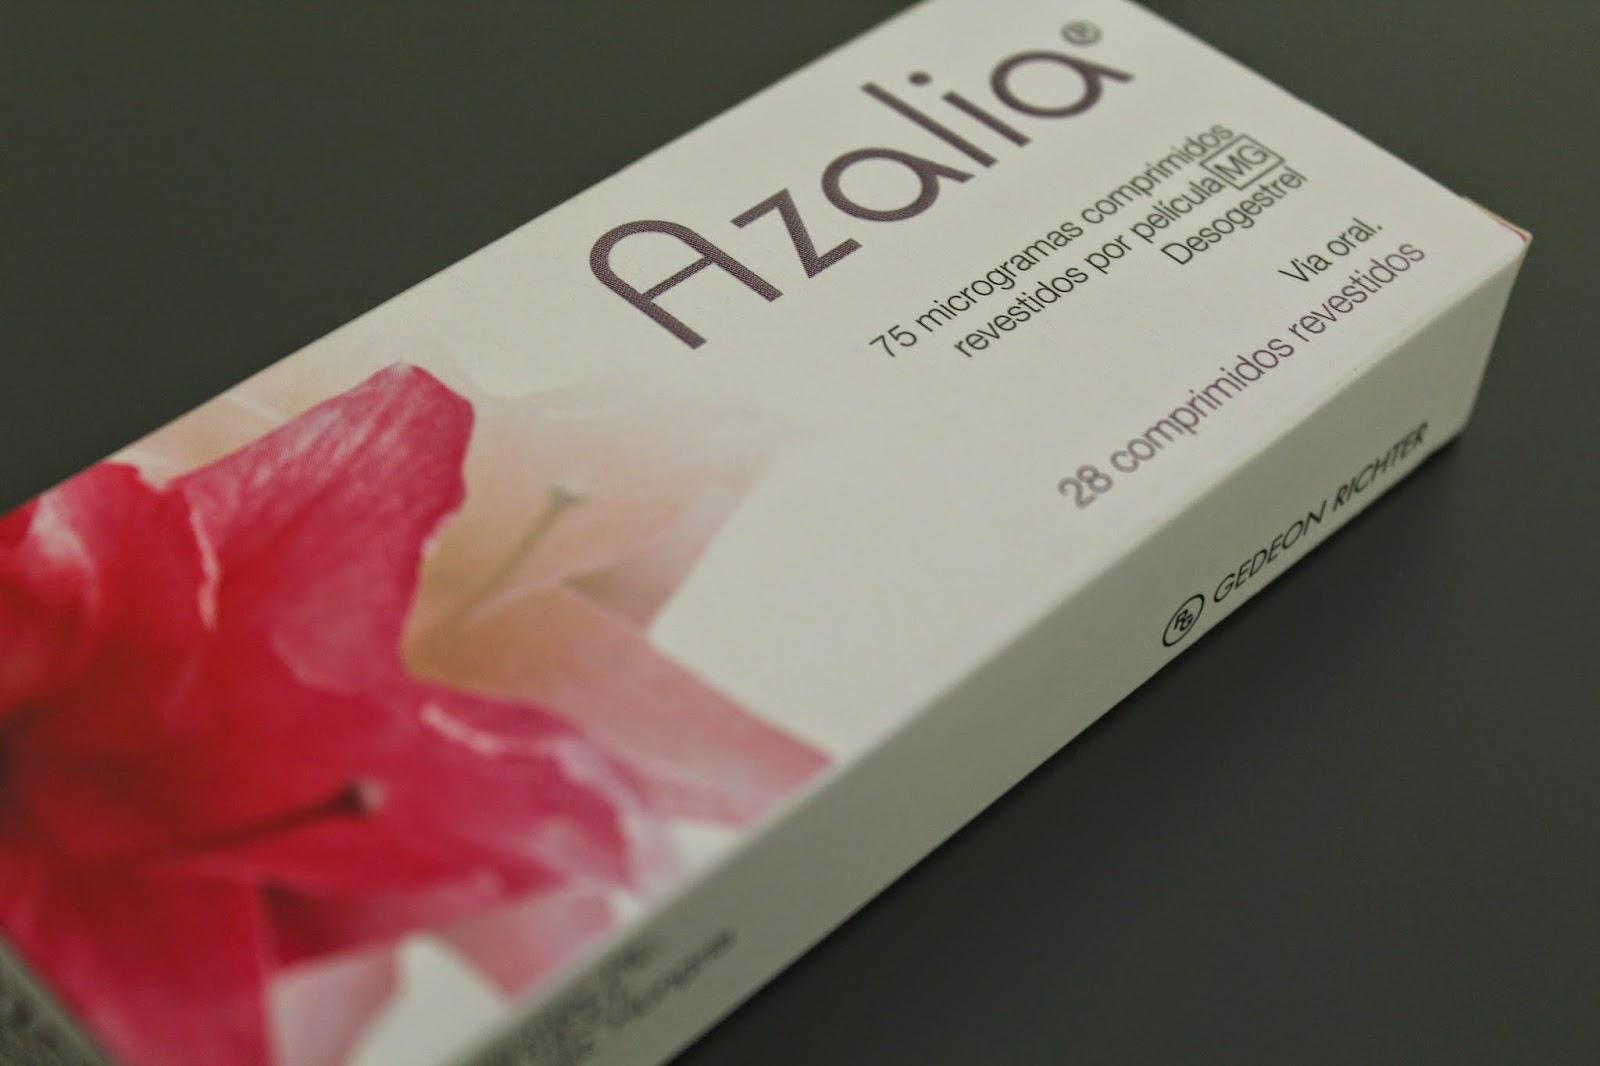 Pilula Azalia